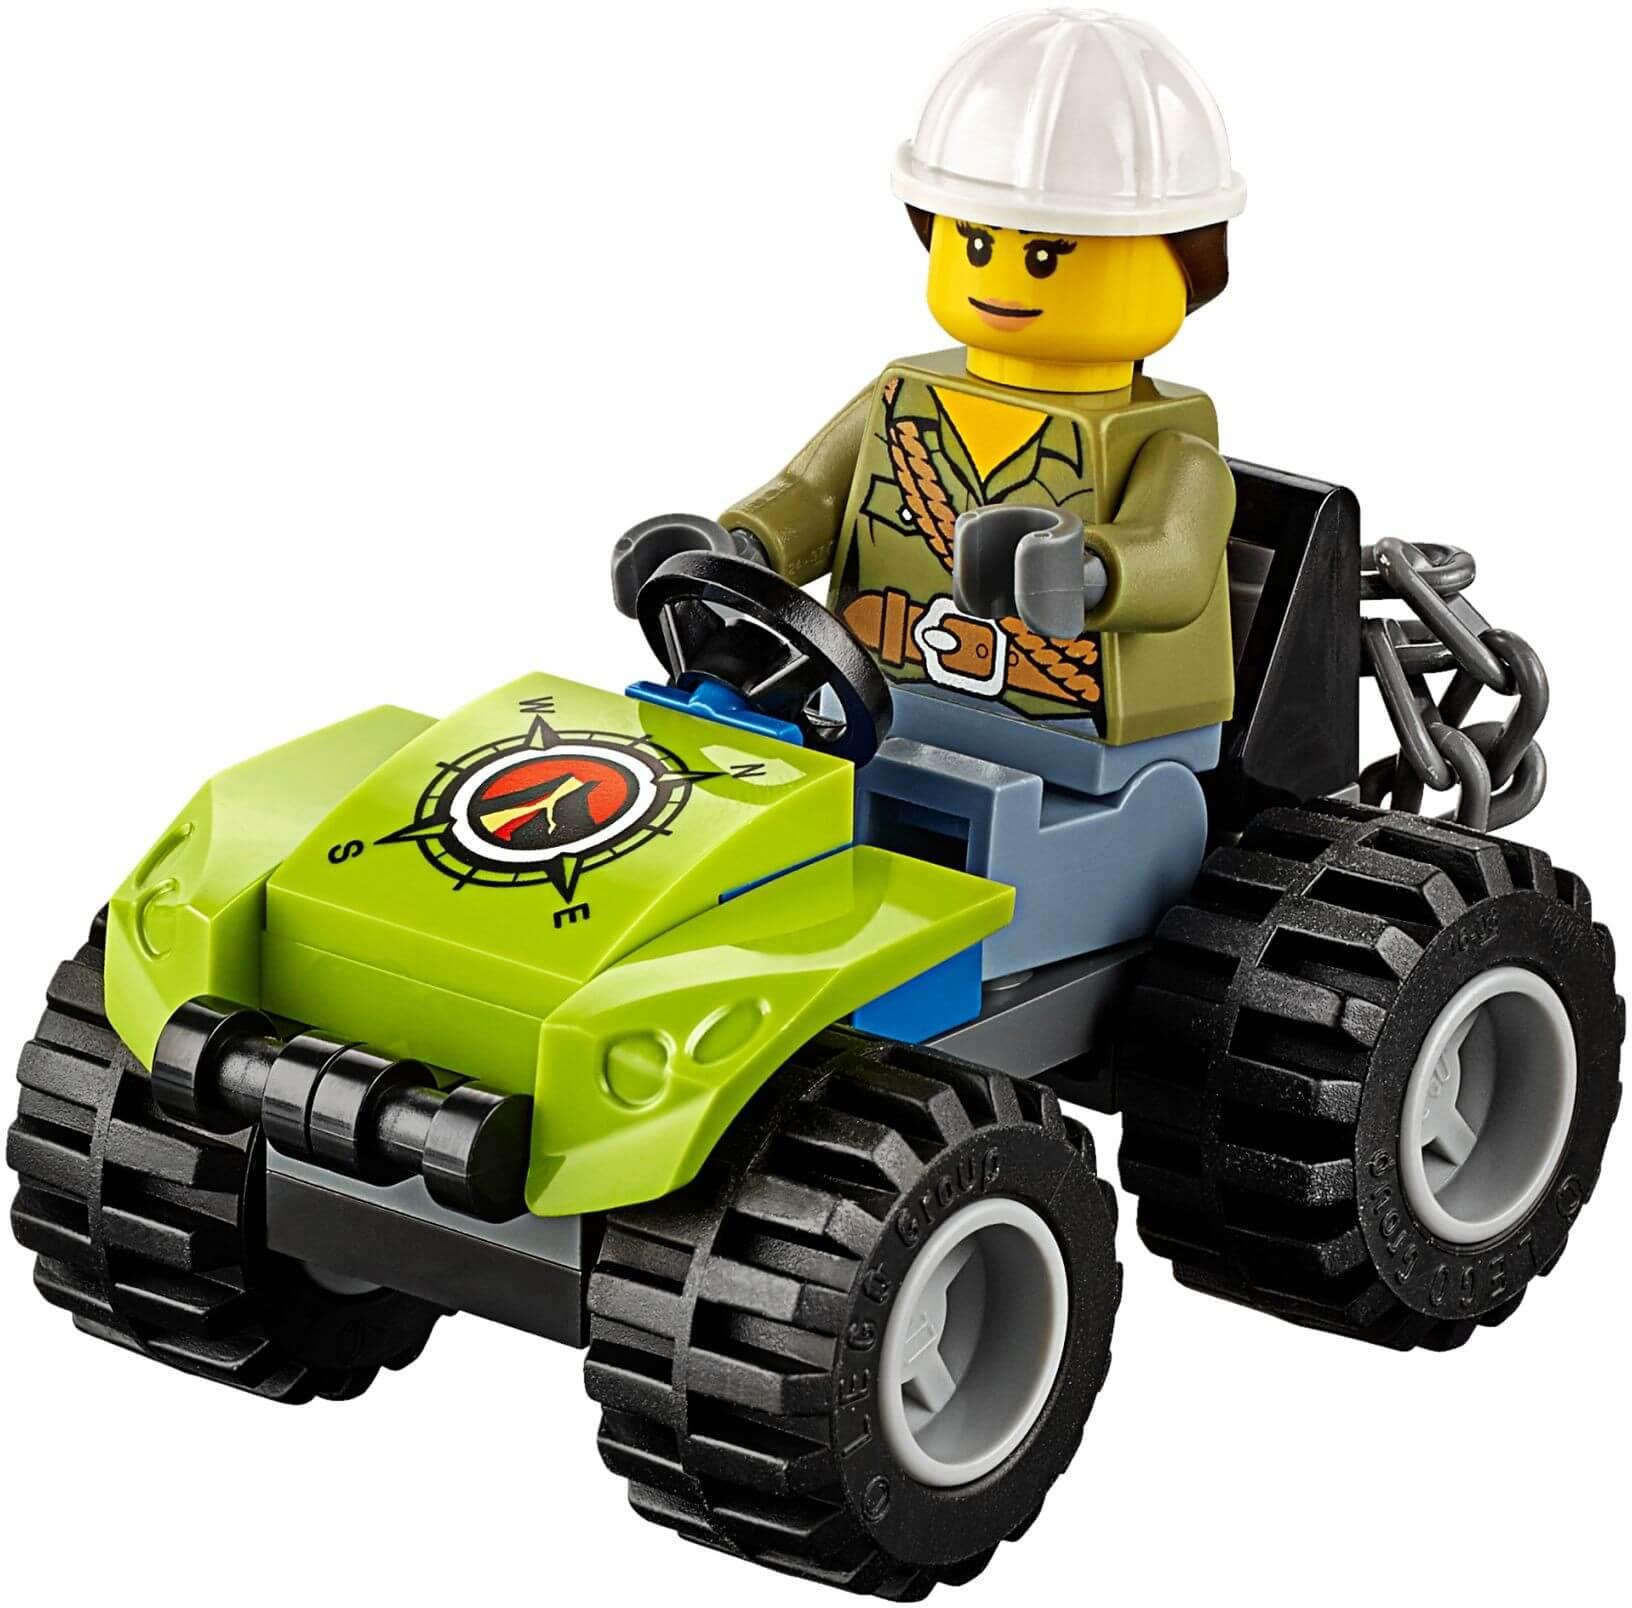 Mua đồ chơi LEGO 60122 - LEGO City 60122 - Xe Địa Hình thám hiểm Núi Lửa (LEGO City Volcano Crawler 60122)